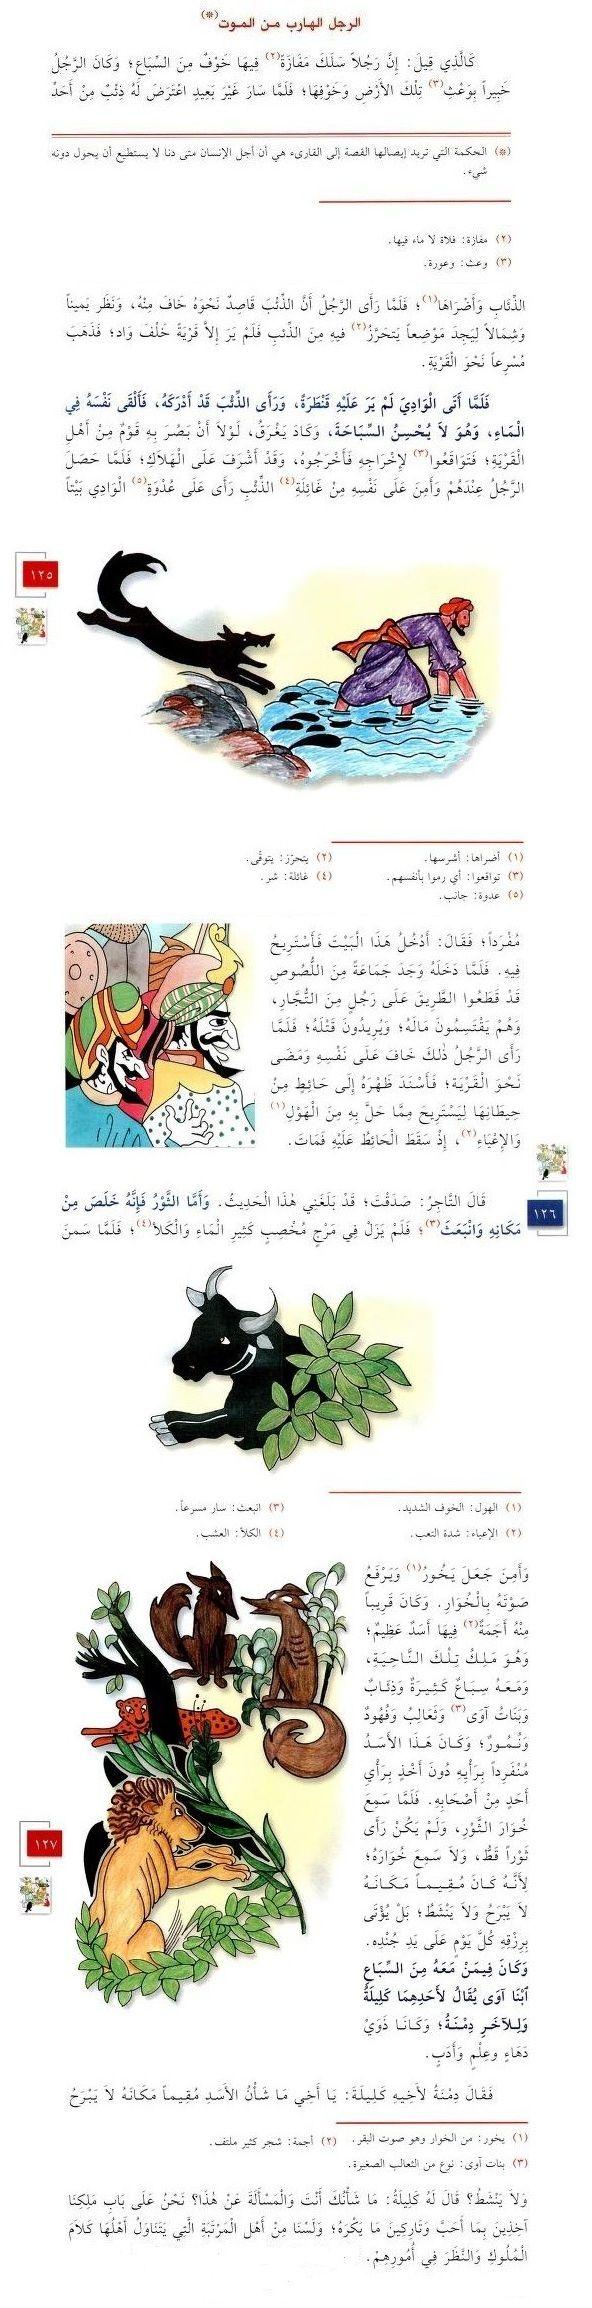 درر النصوص الخالصة في أثواب حكمة كليلة و دمنة الحكمة التي تسافر مع الزمن هي اختيار المطالعة الموجهة Arabes